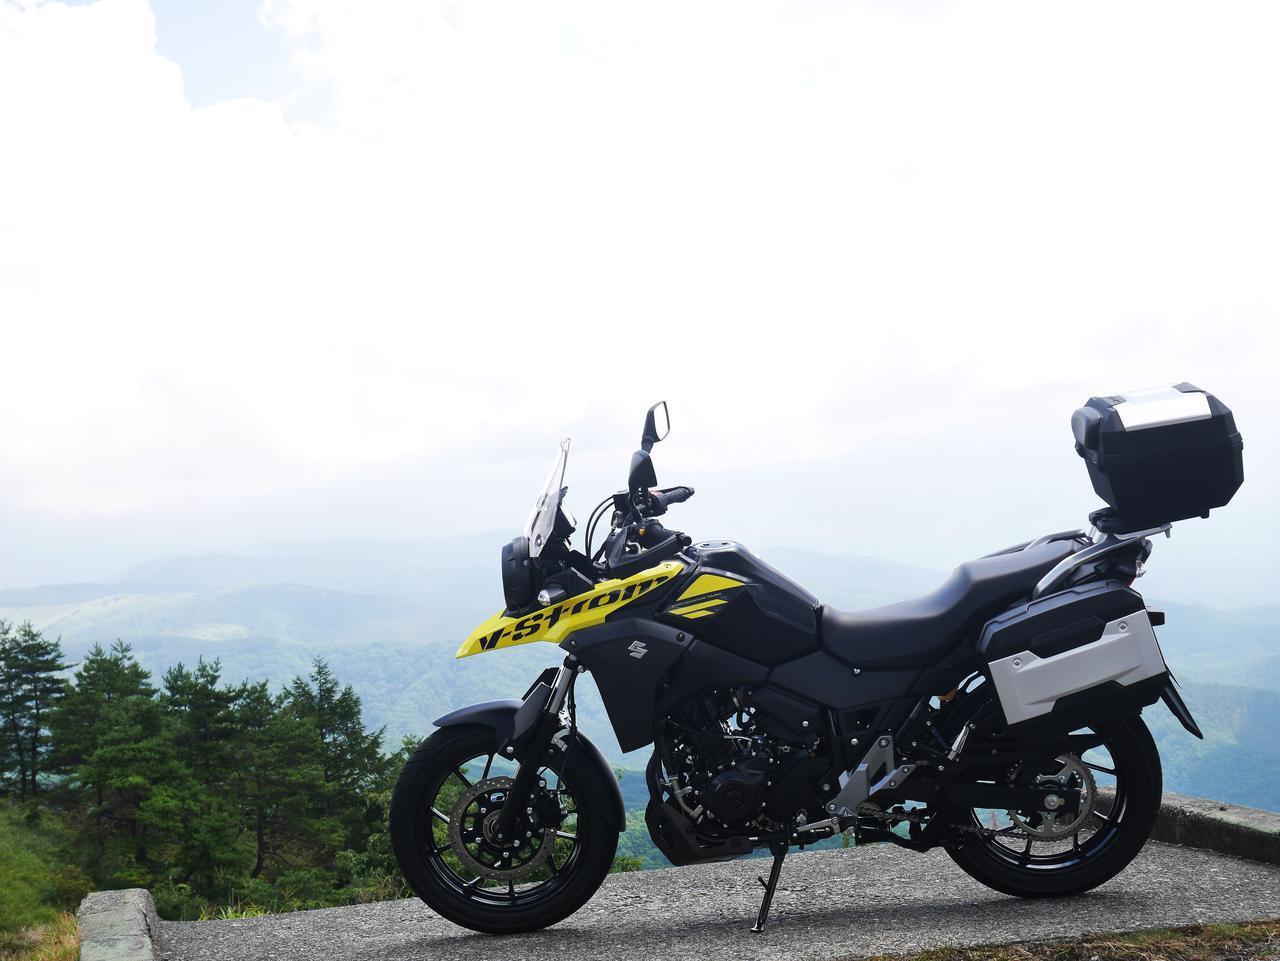 画像: 【前編】スズキ『Vストローム250』は250cc最強の荷物積載力63Lってマジ!? - スズキのバイク!